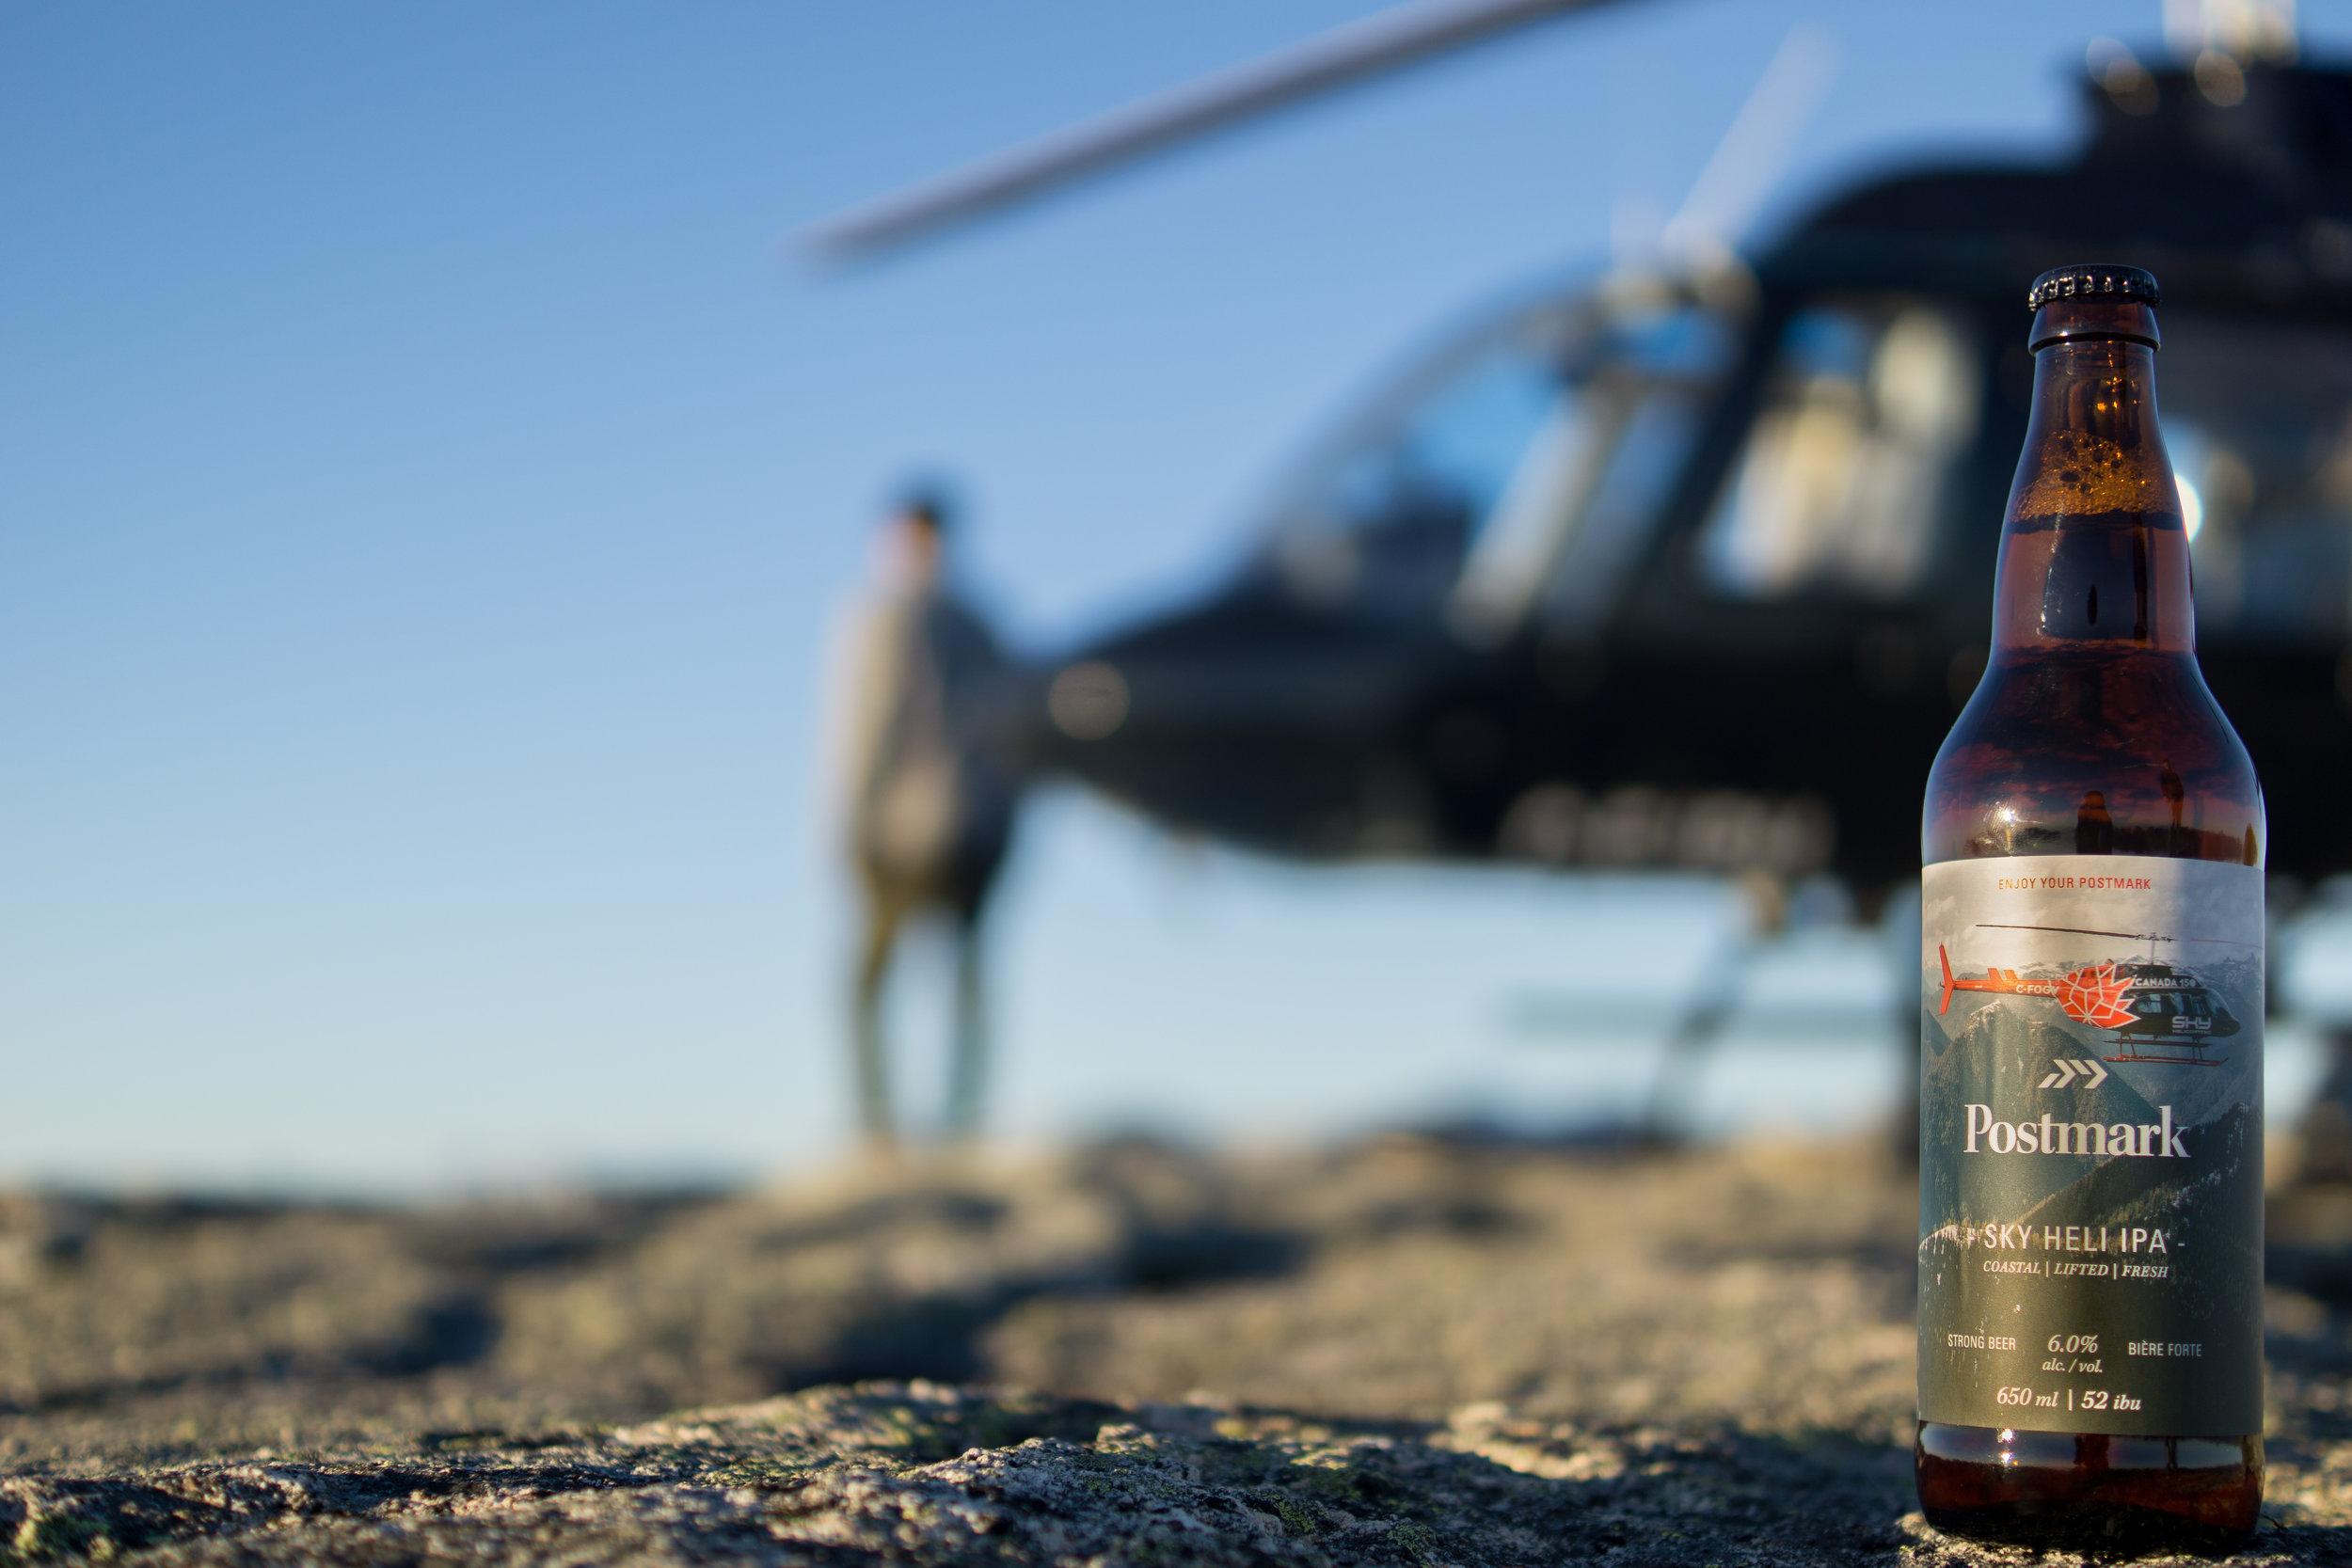 SKY HELICOPTERS - SKY Heli IPA   650ml bottle